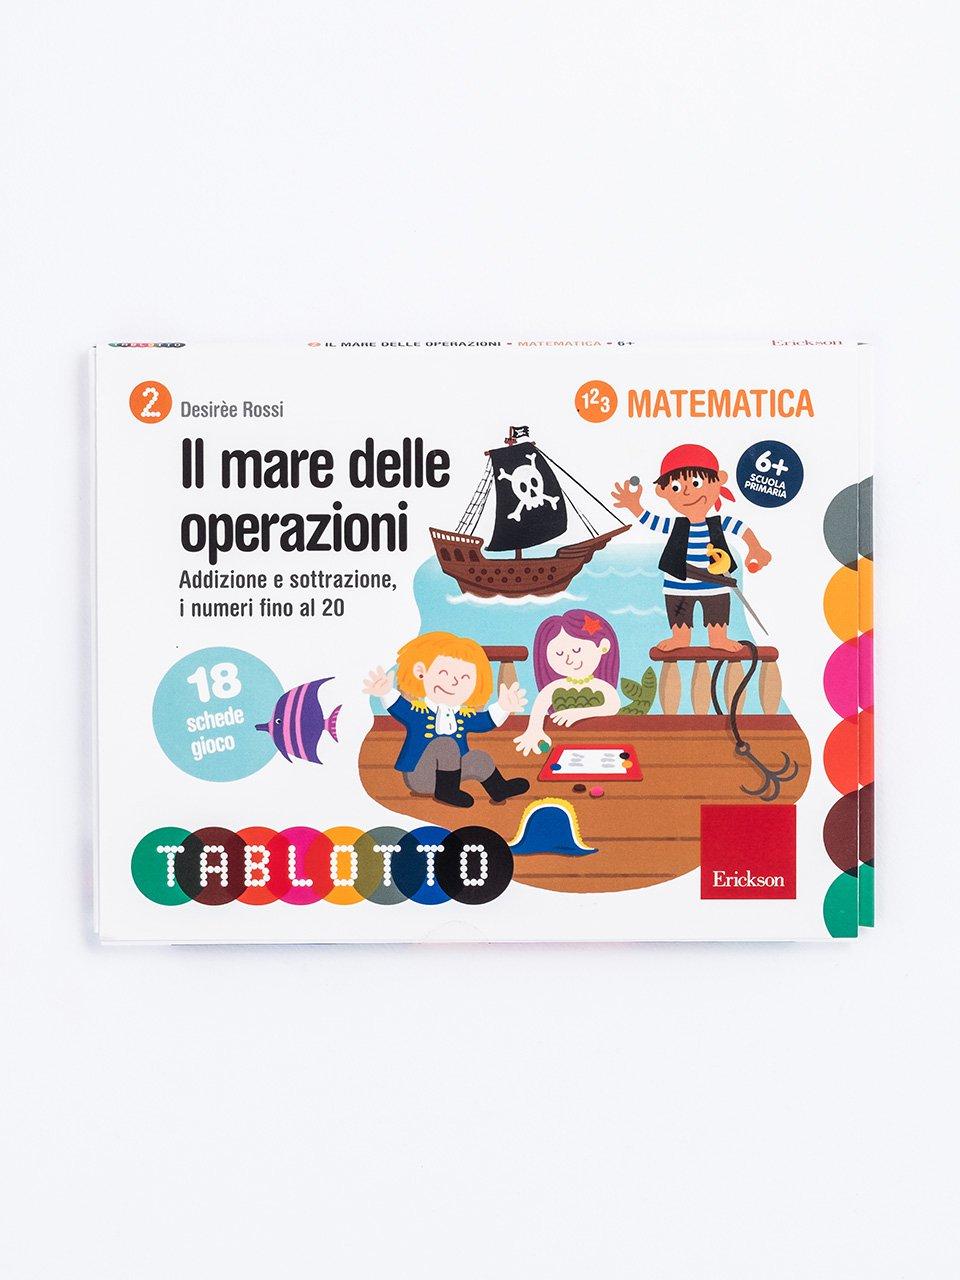 Schede per Tablotto (6-8 anni) - Il mare delle operazioni - Tablotto (6-8 anni) - Giochi - Erickson